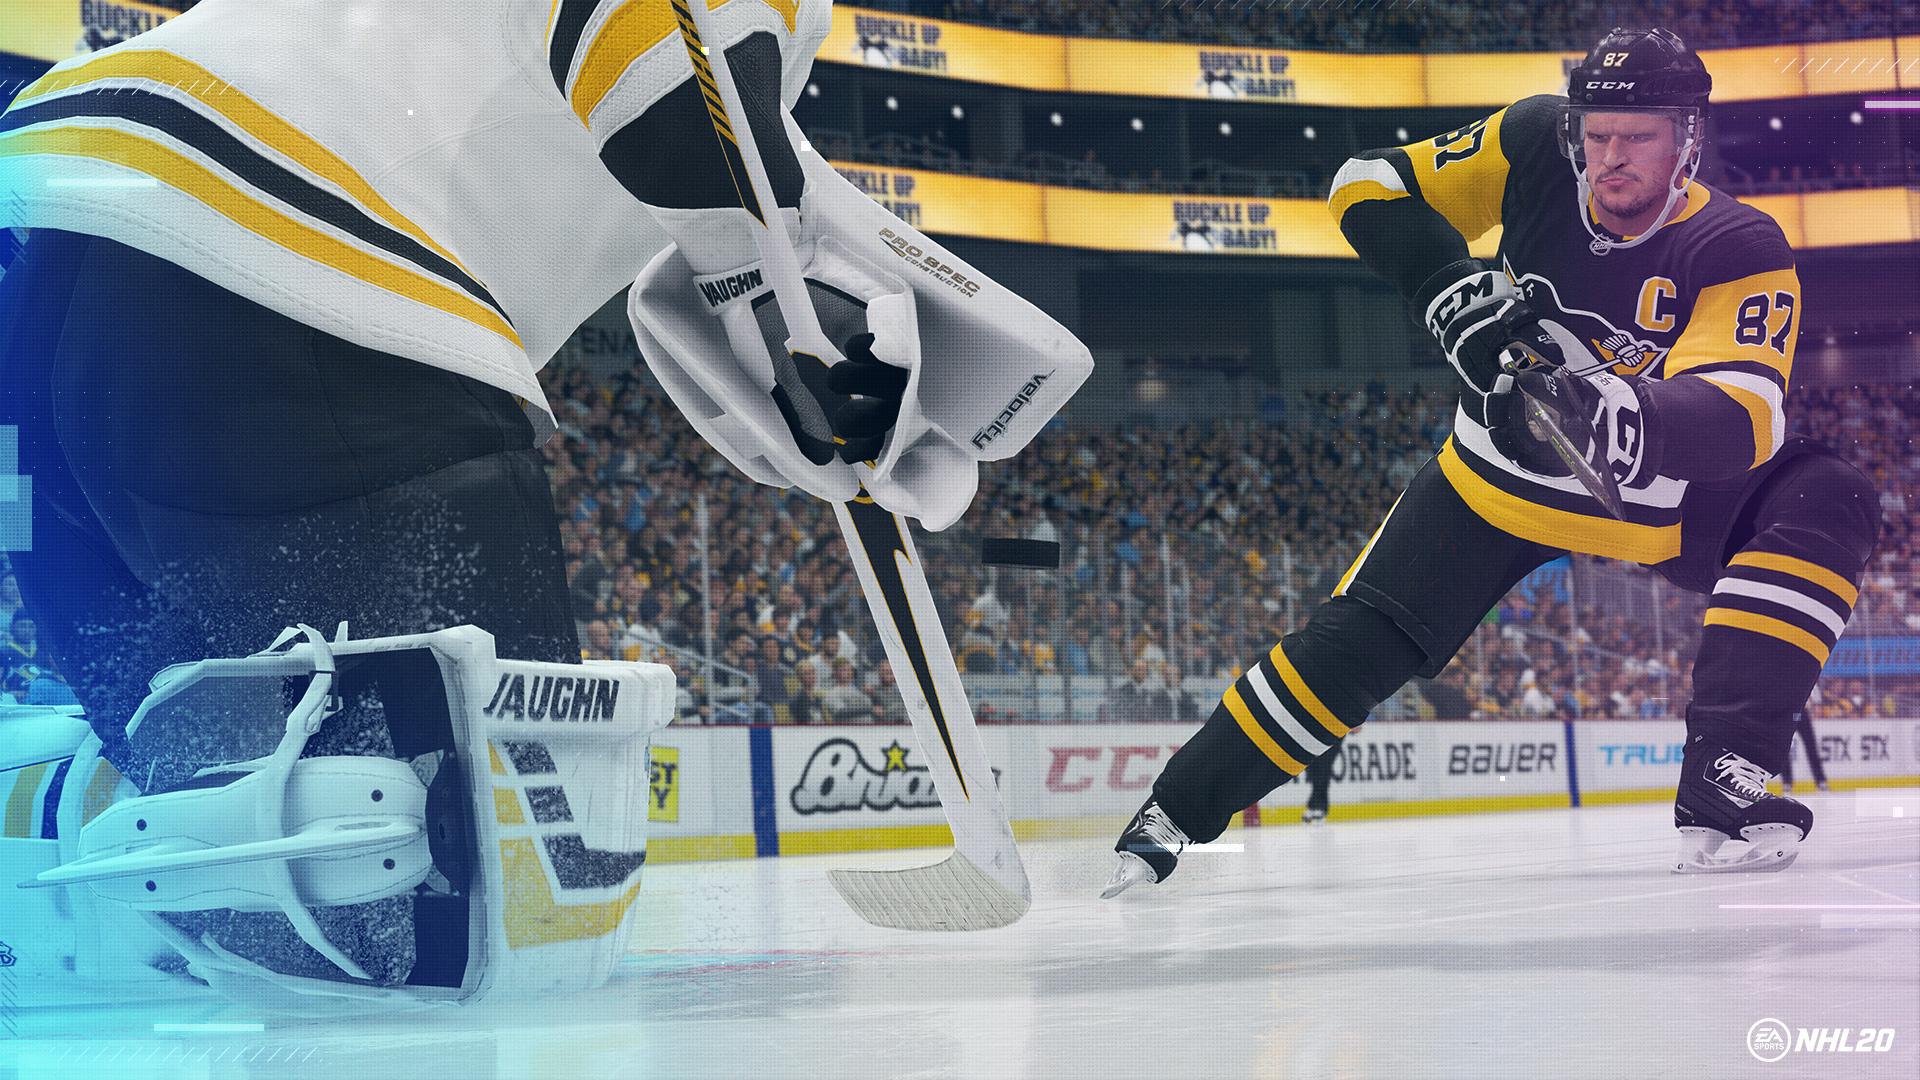 NHL 20 Crosby